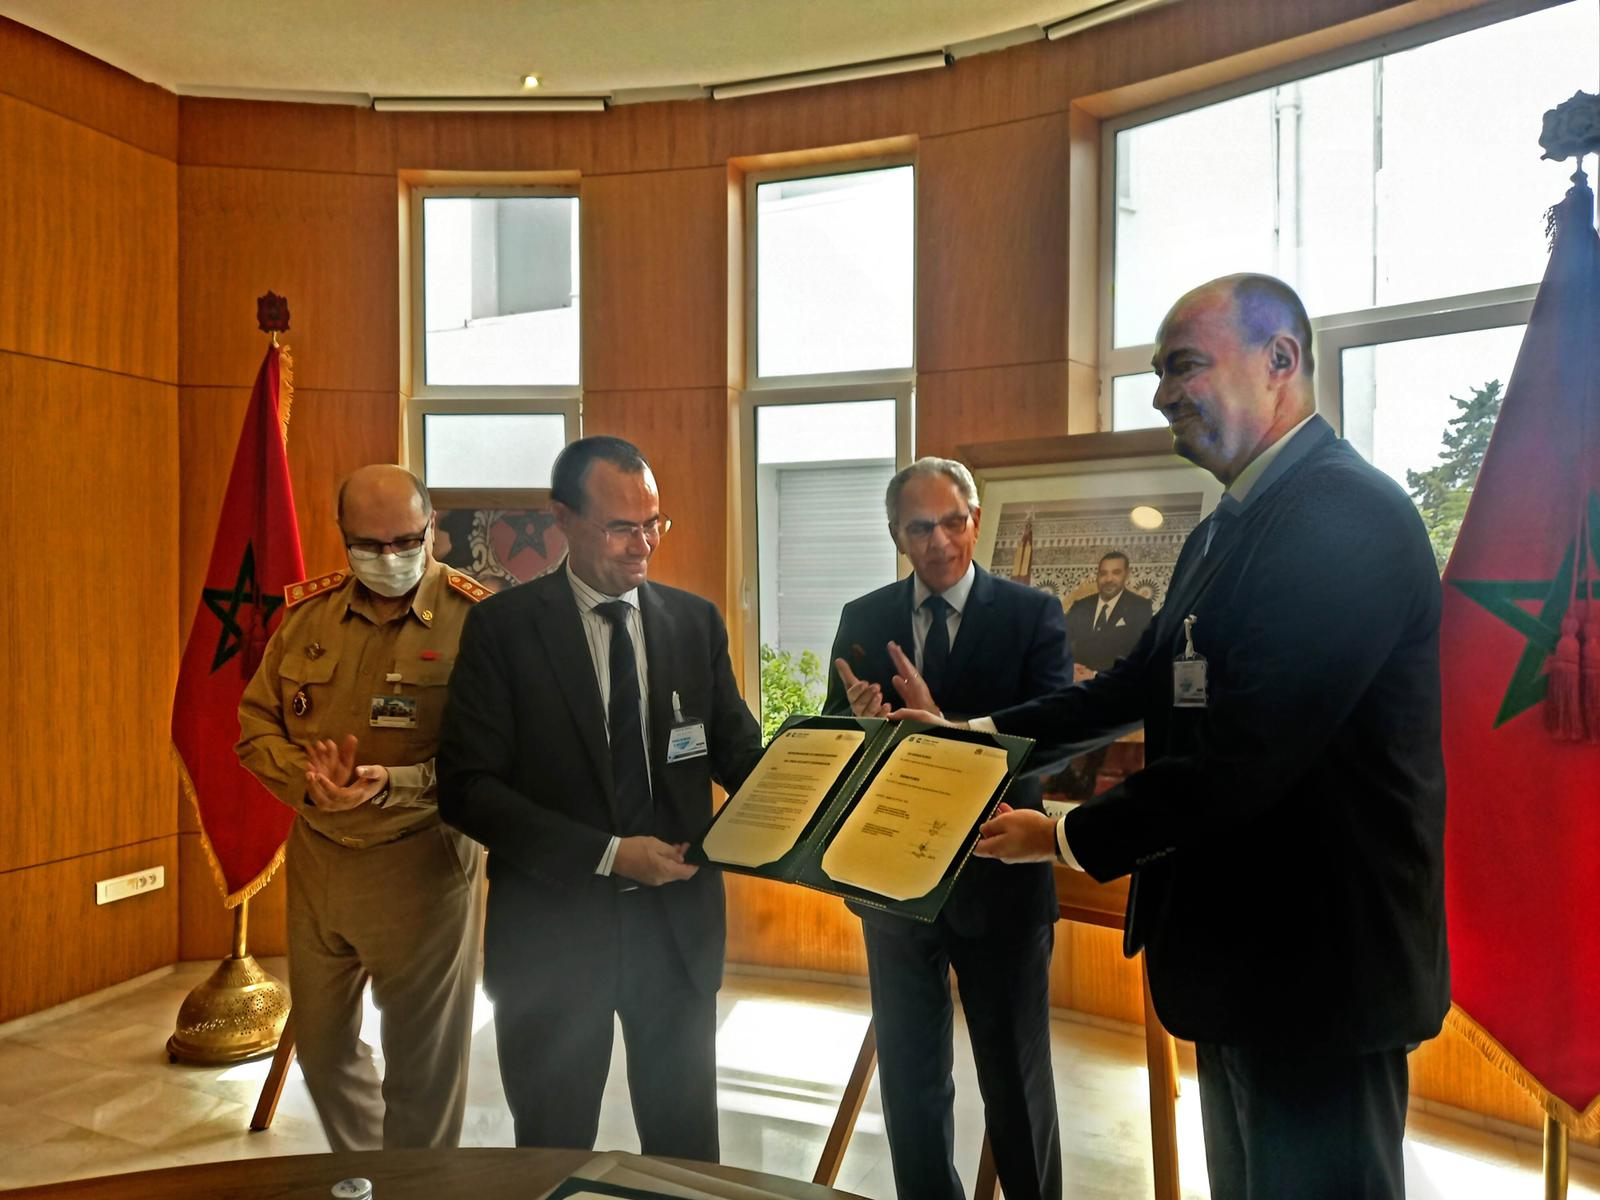 Maroc-Israël : Signature d'un accord de coopération dans le domaine de la cyberdéfense